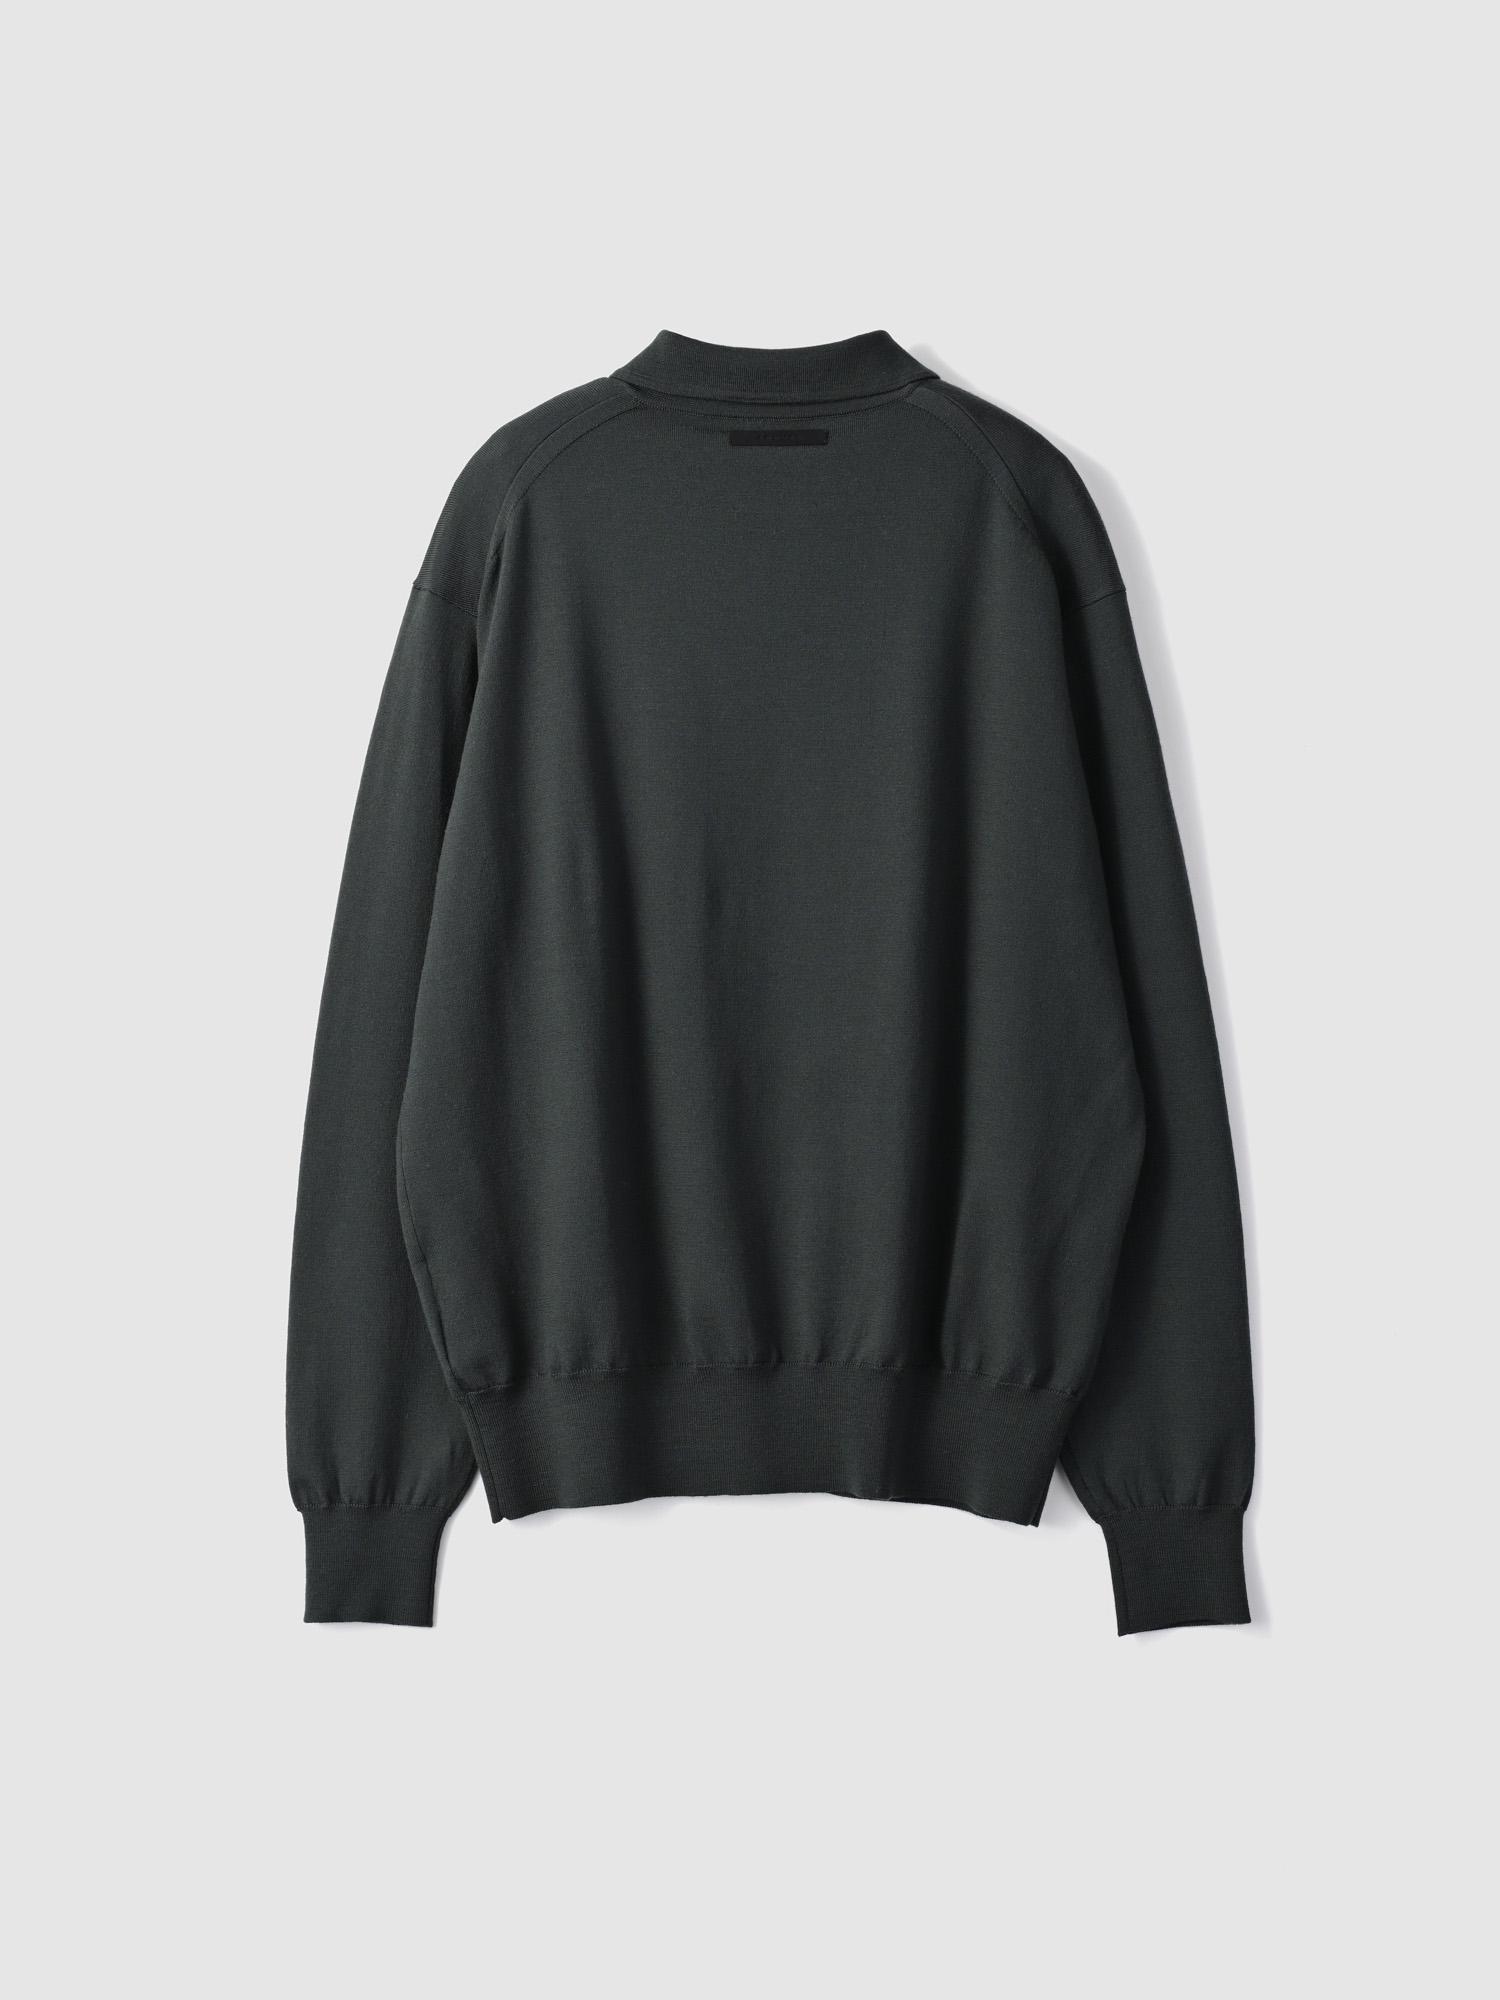 【予約】Smock knit shirtsのサムネイル7